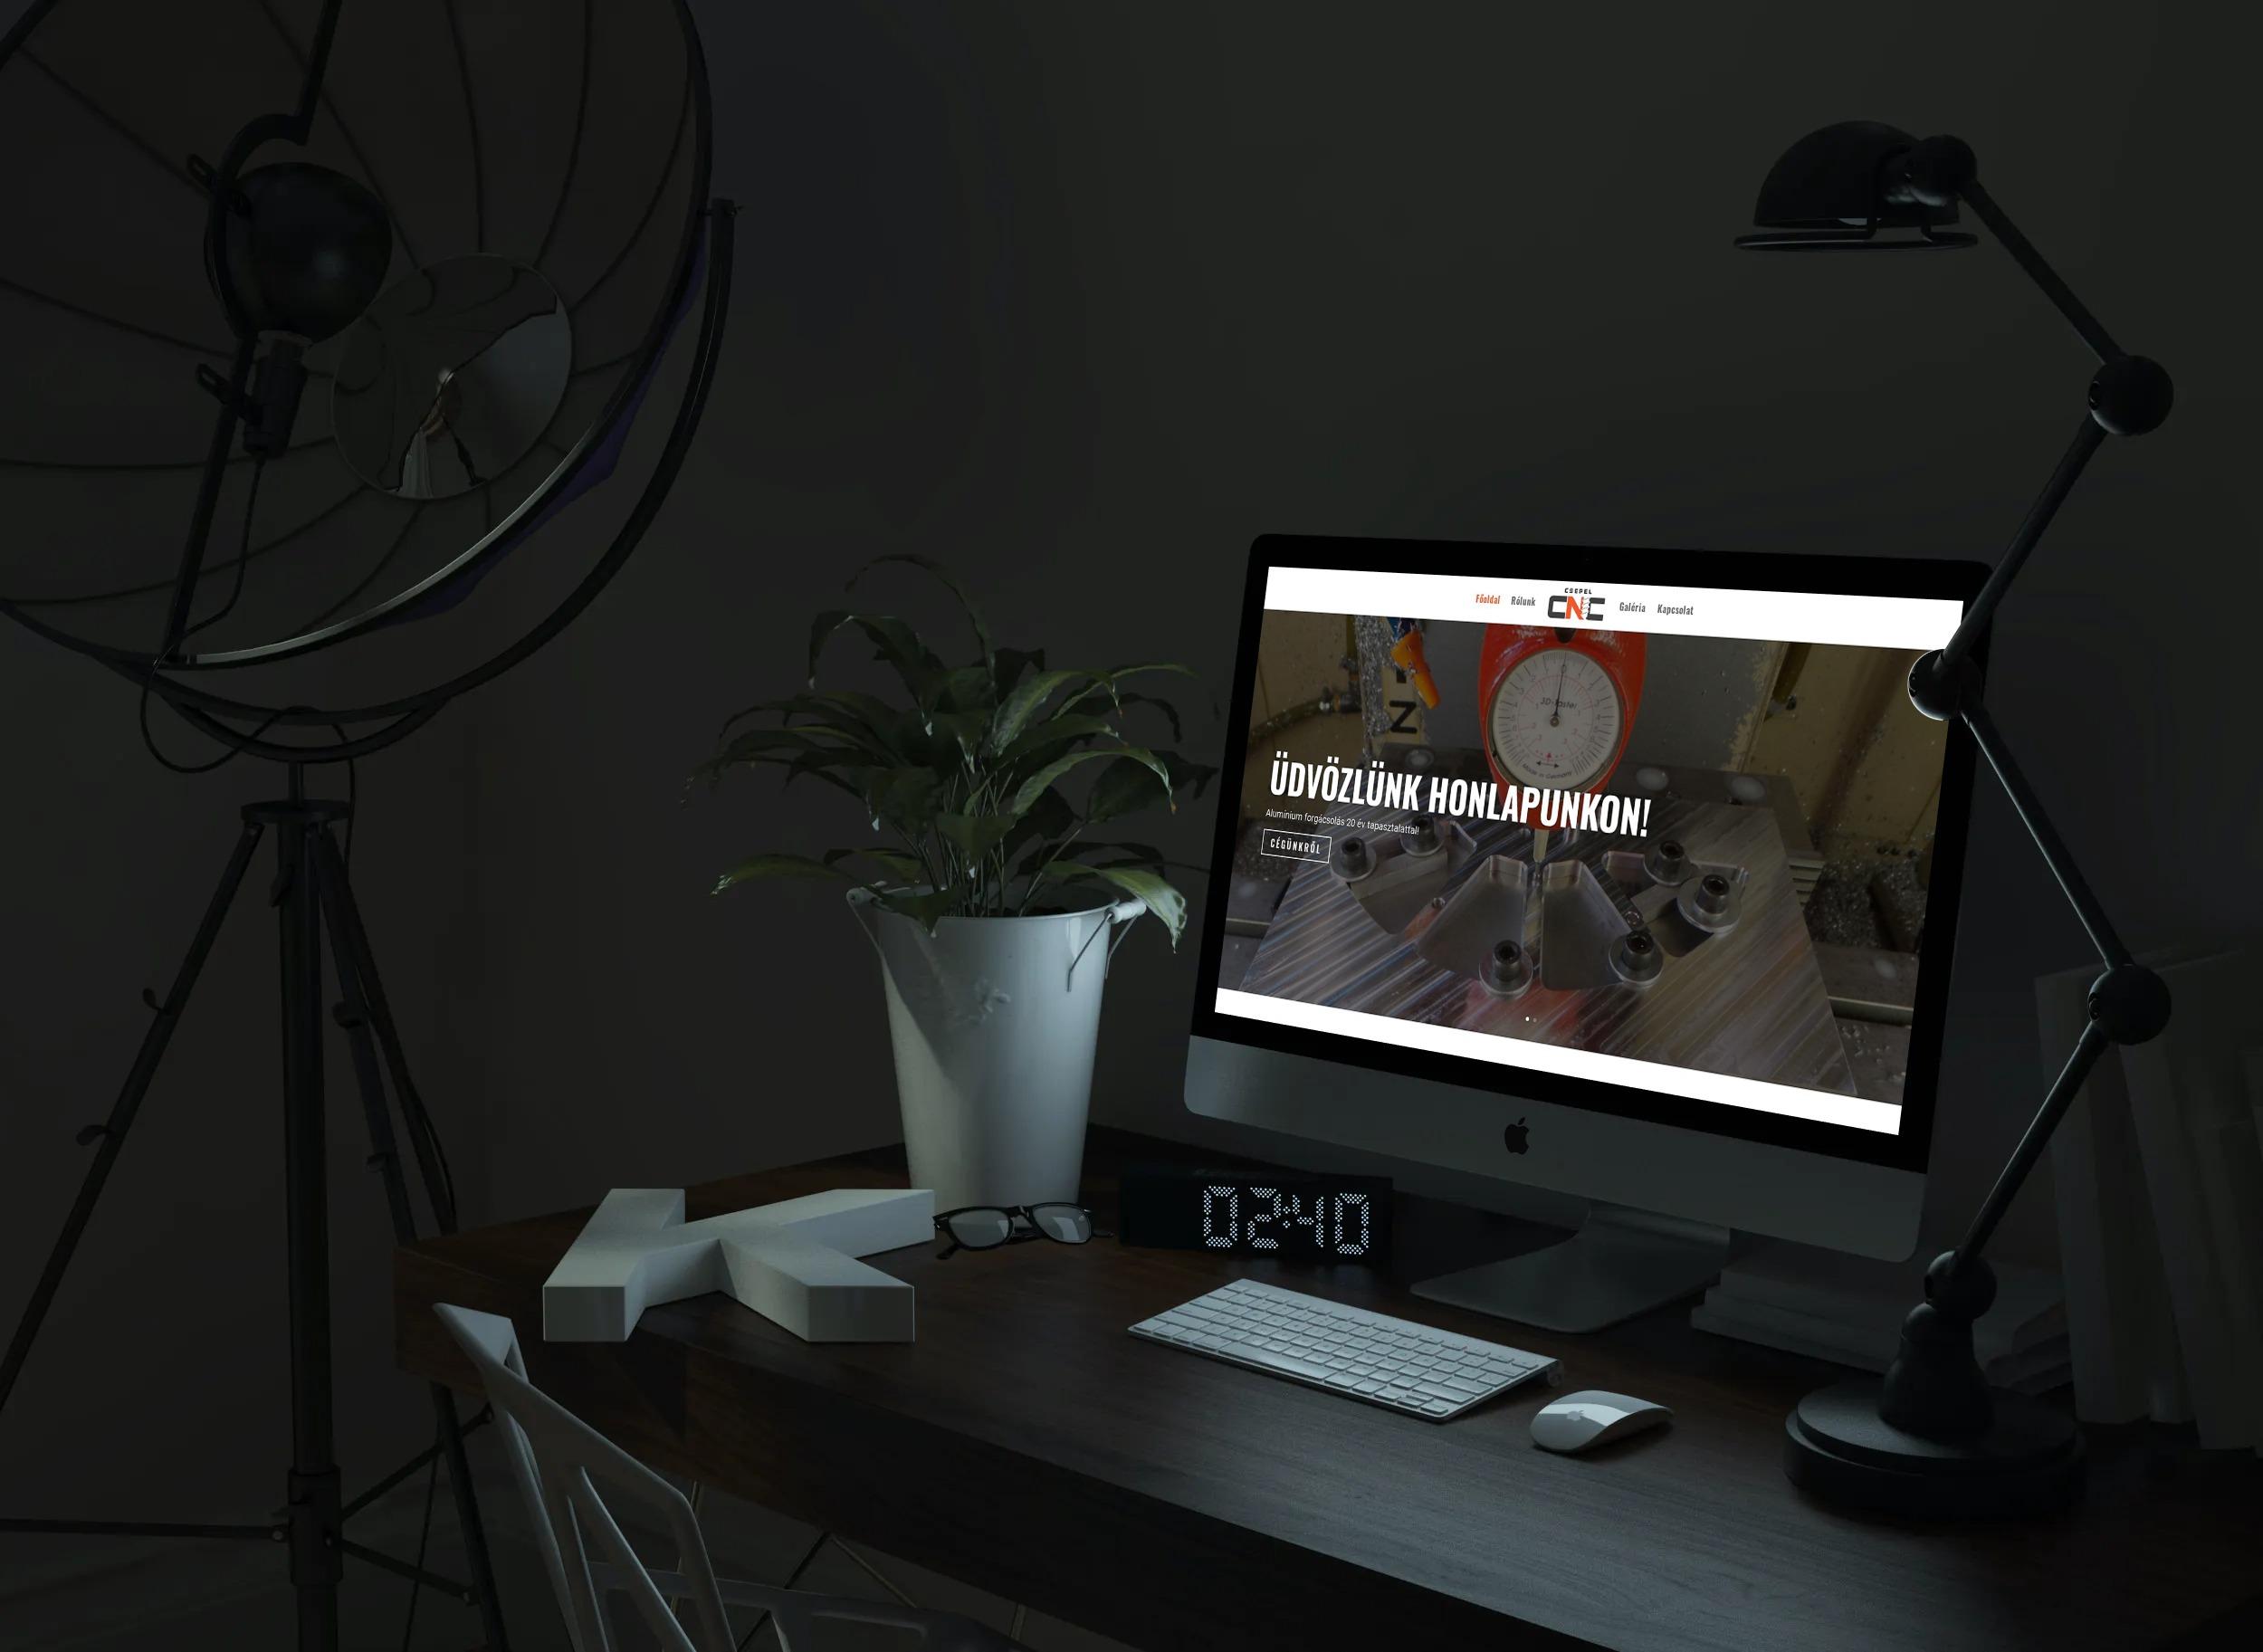 Csepelcnc.hu weboldal megjelenése asztali PC-n, IMac-en